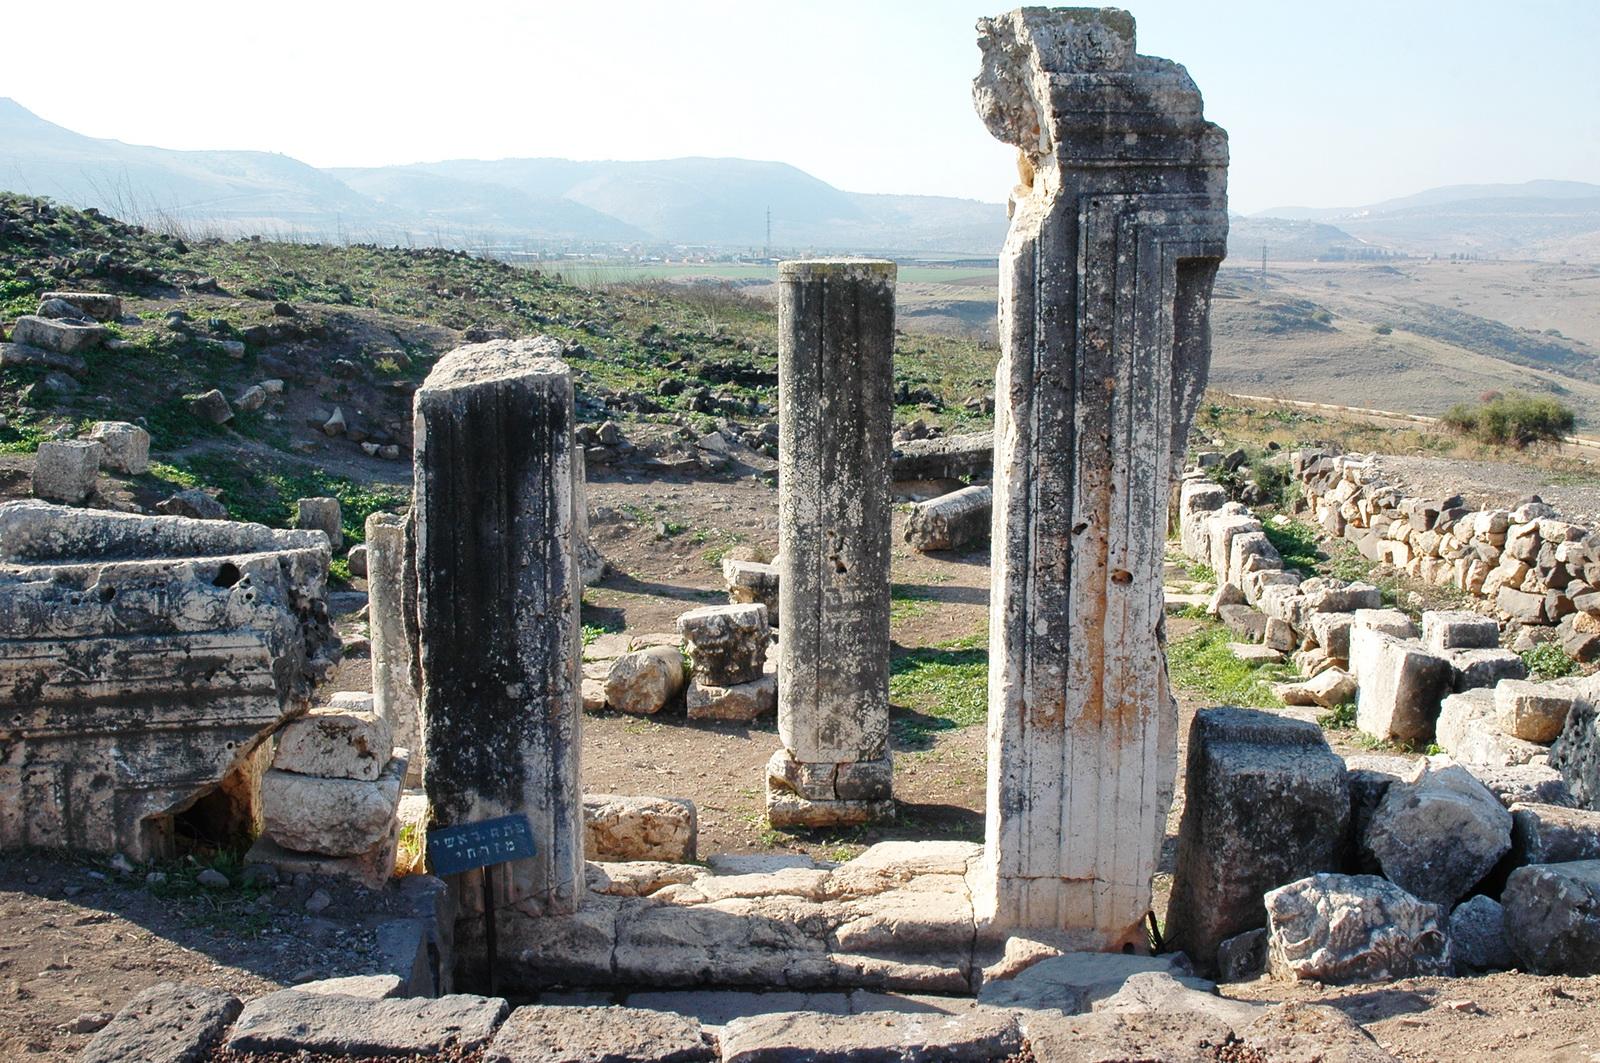 בקעת ארבל - בית כנסת ארבל - שרידי הכניסה